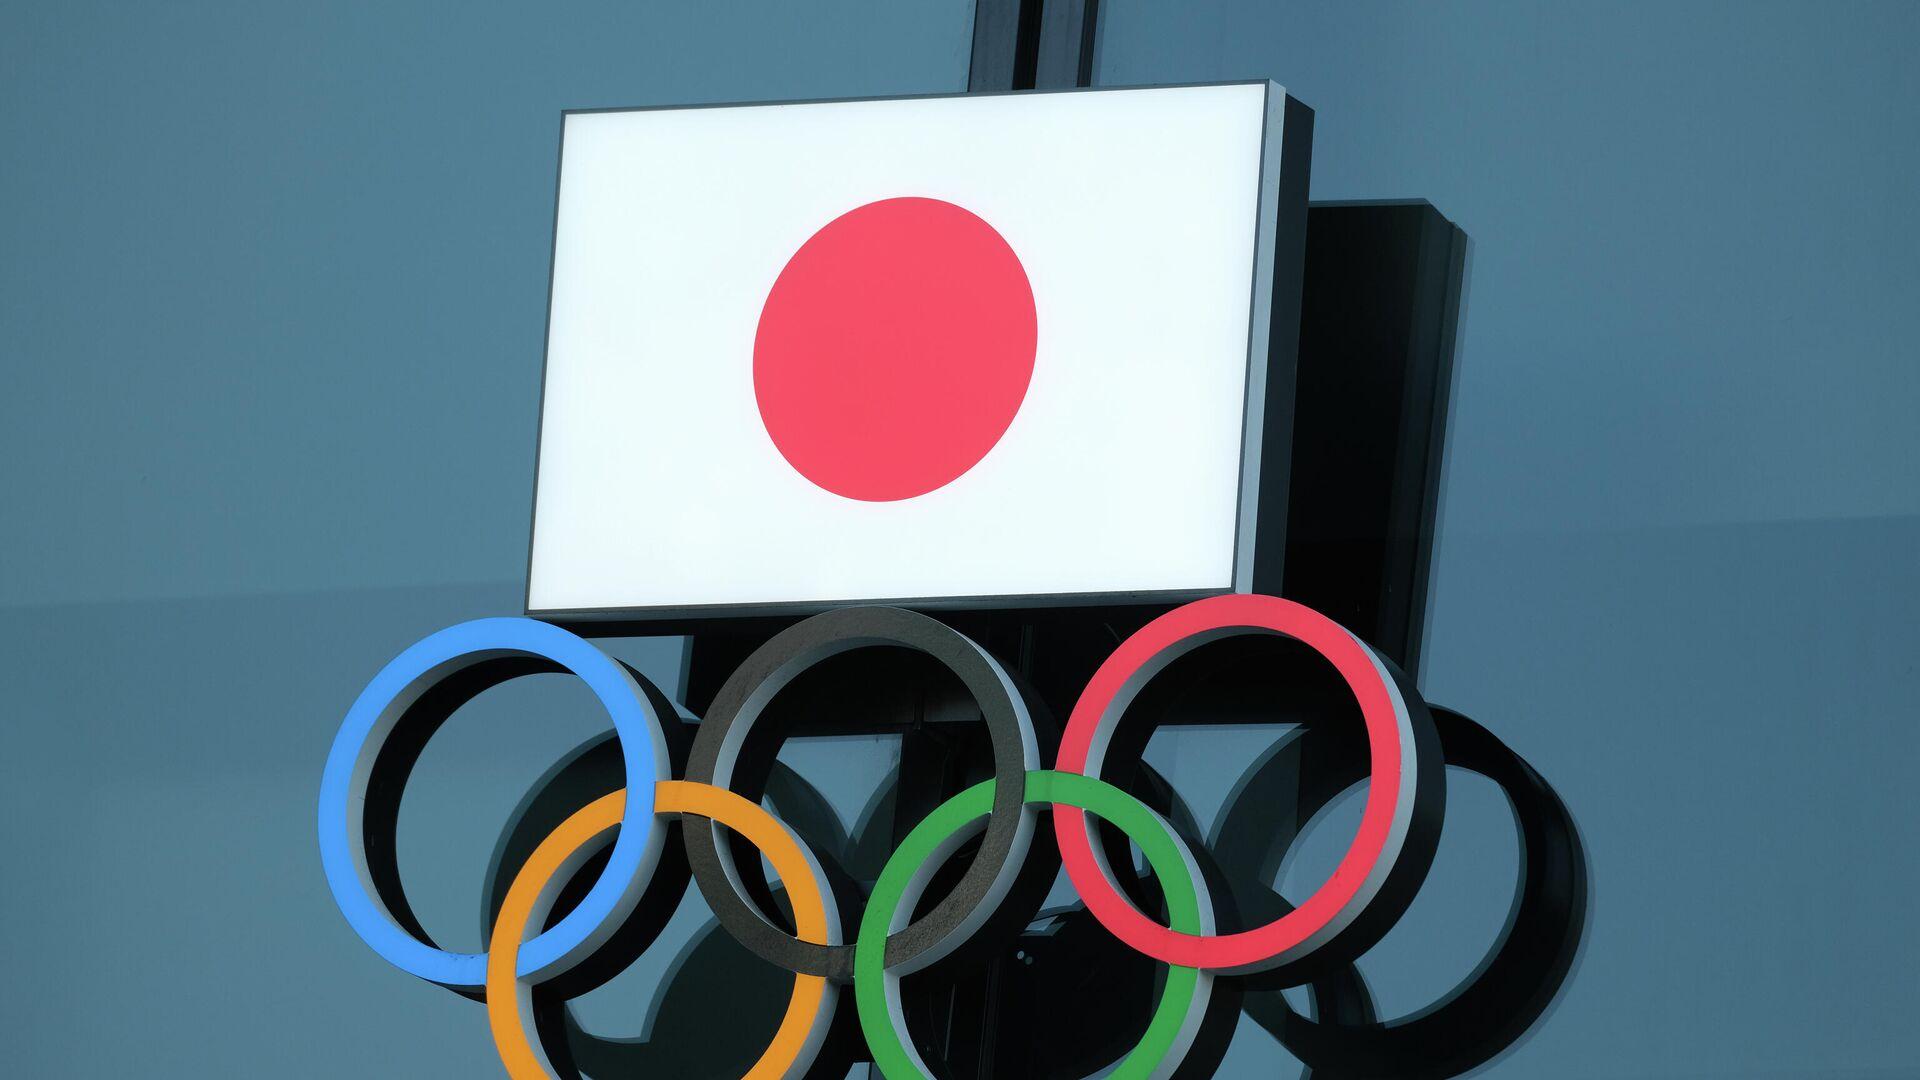 Логотип японского олимпийского комитета - РИА Новости, 1920, 30.11.2020